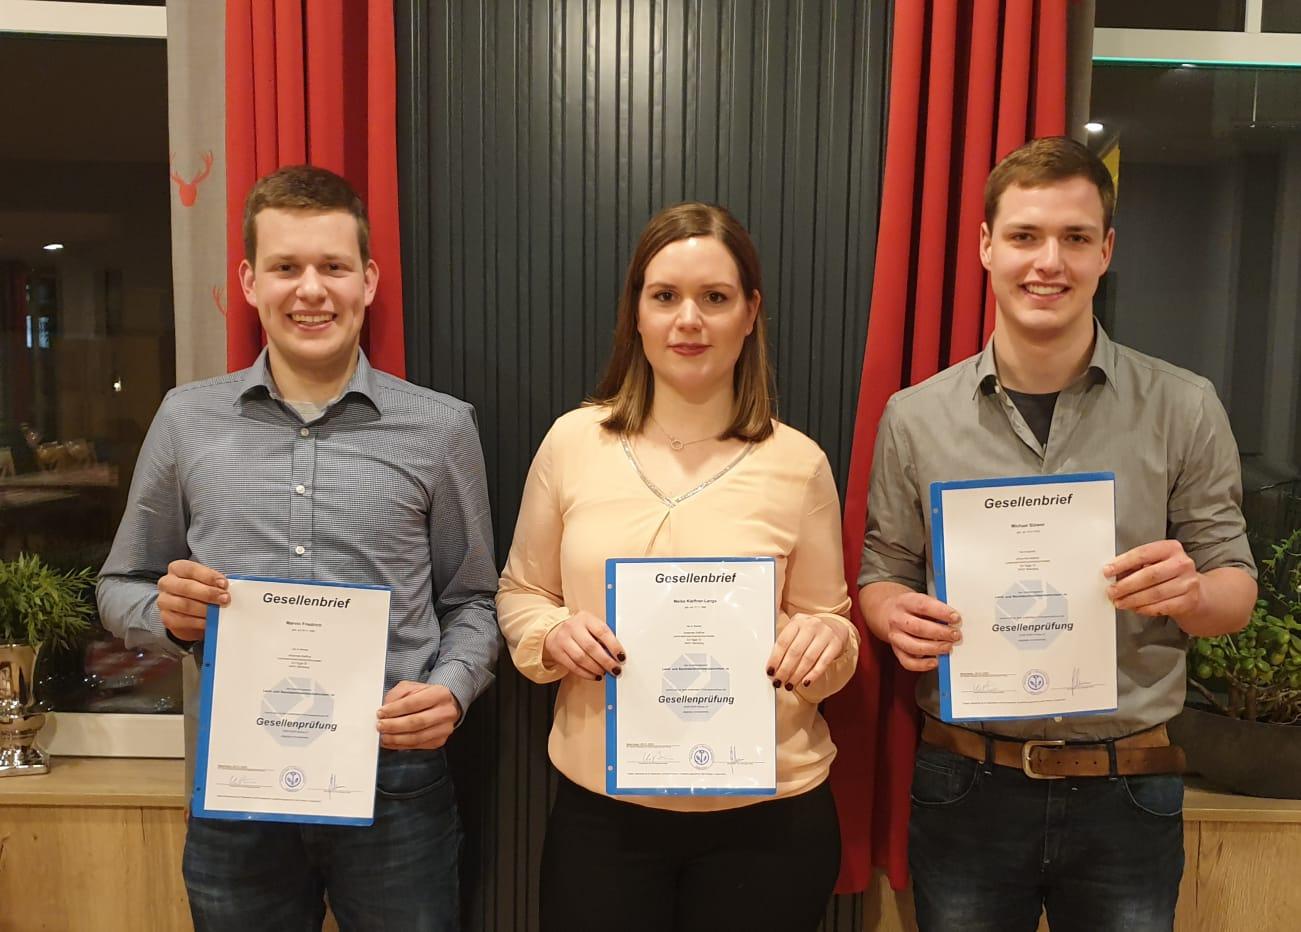 Marwin Friedrich, Meike Kleffner-Lange und Michael Stöwer